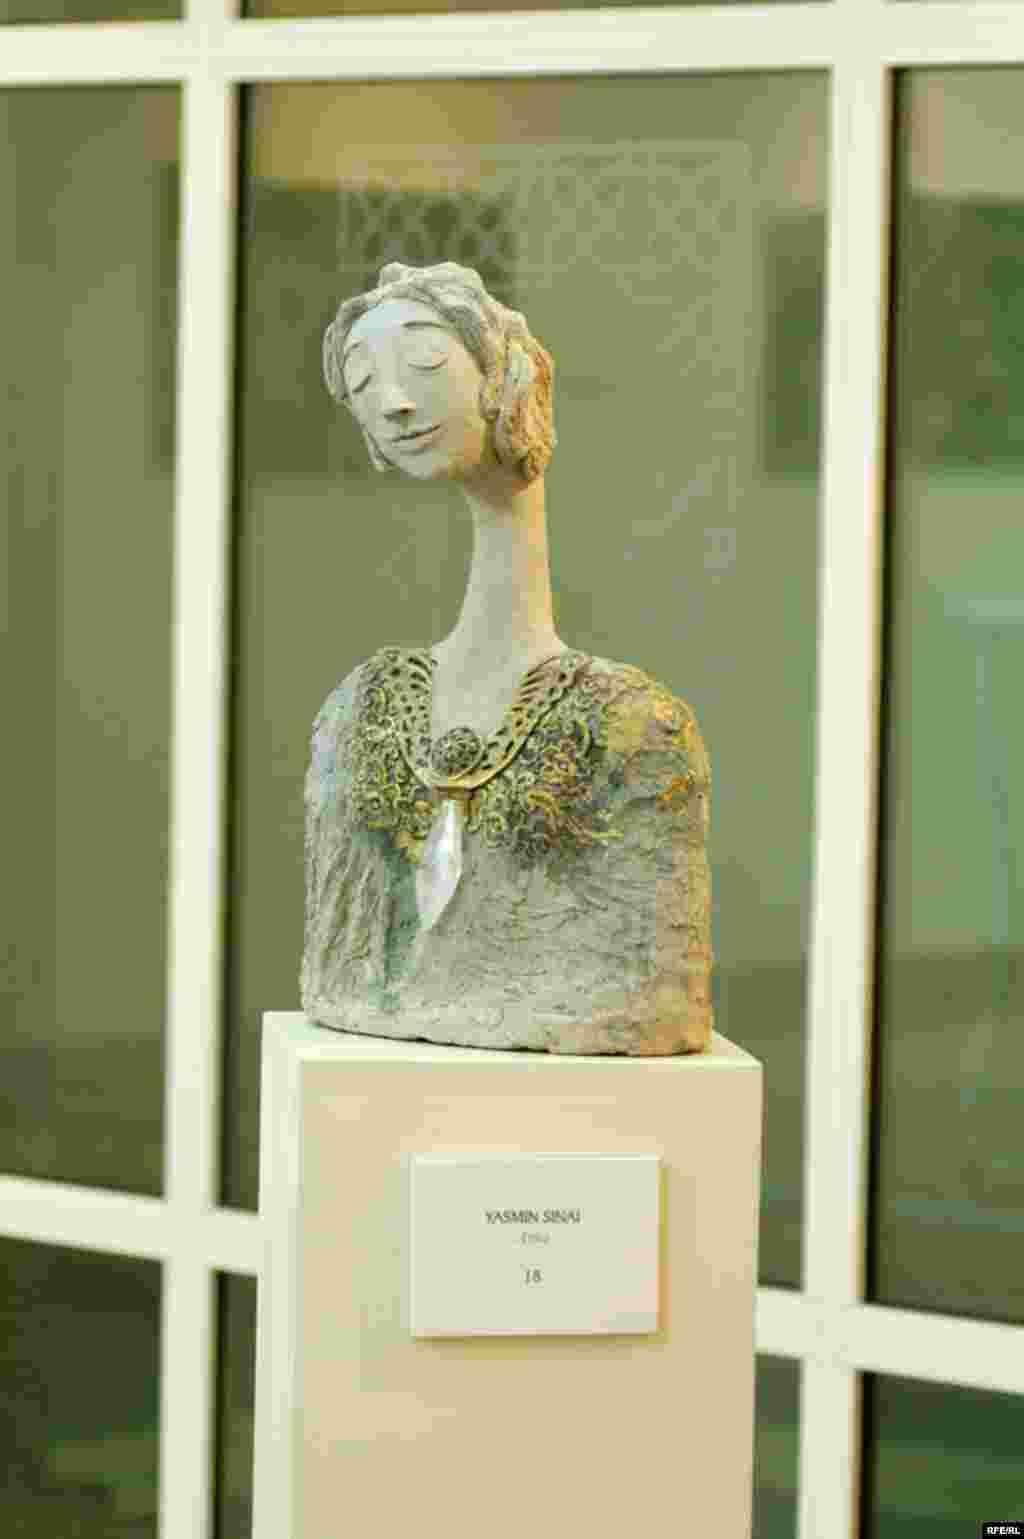 مجموعه سایه ها از سمیرا سینائی که با تکنیک خمیر کاغذ ، که از قدیمی ترین تکنیکهای مجسمه سازی در جهان بحساب می اید ، تولید شده است .